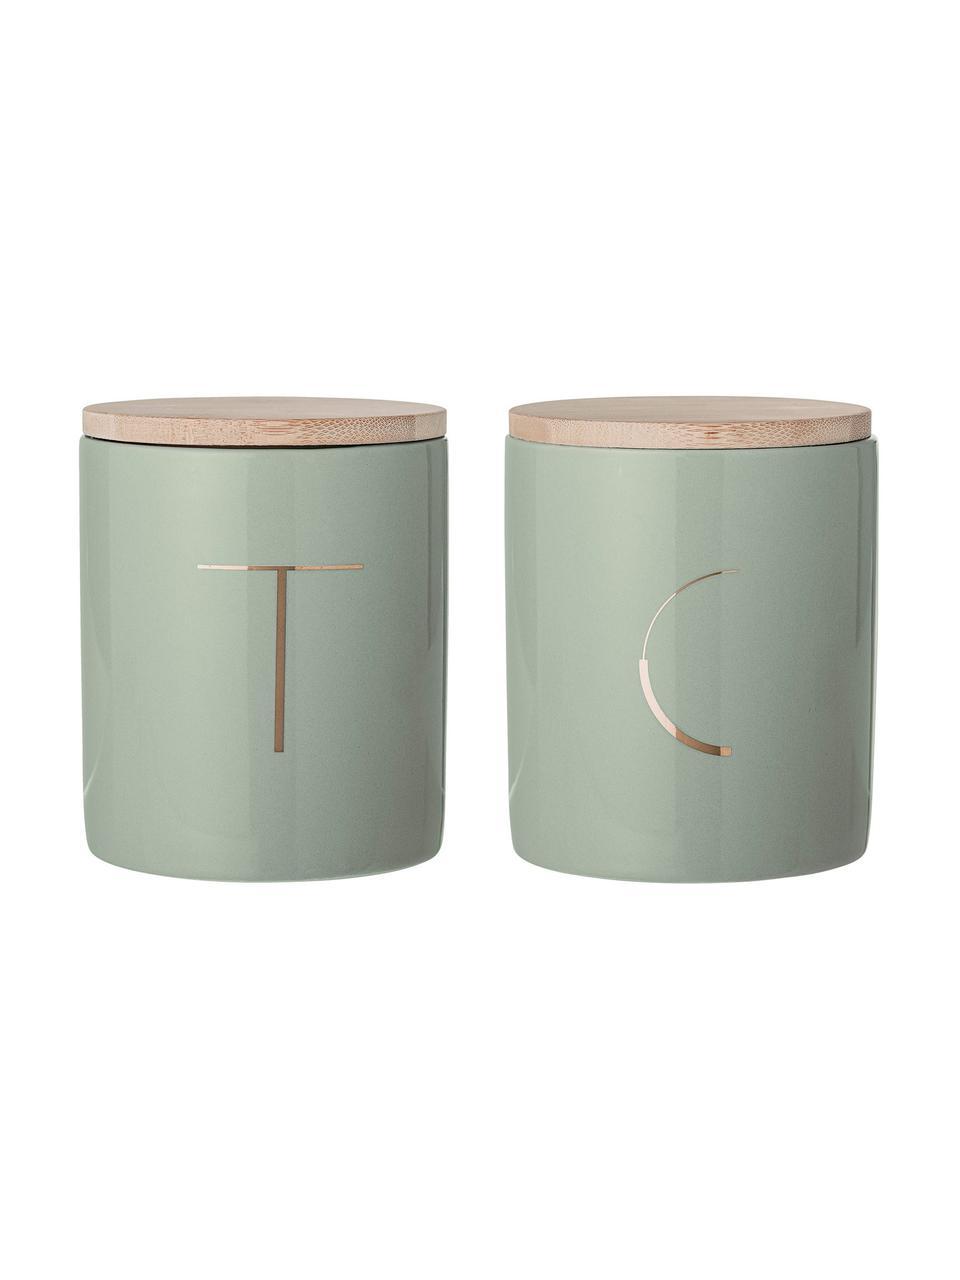 Boîte de rangement Aileen, 2élém., Vert menthe, bambou